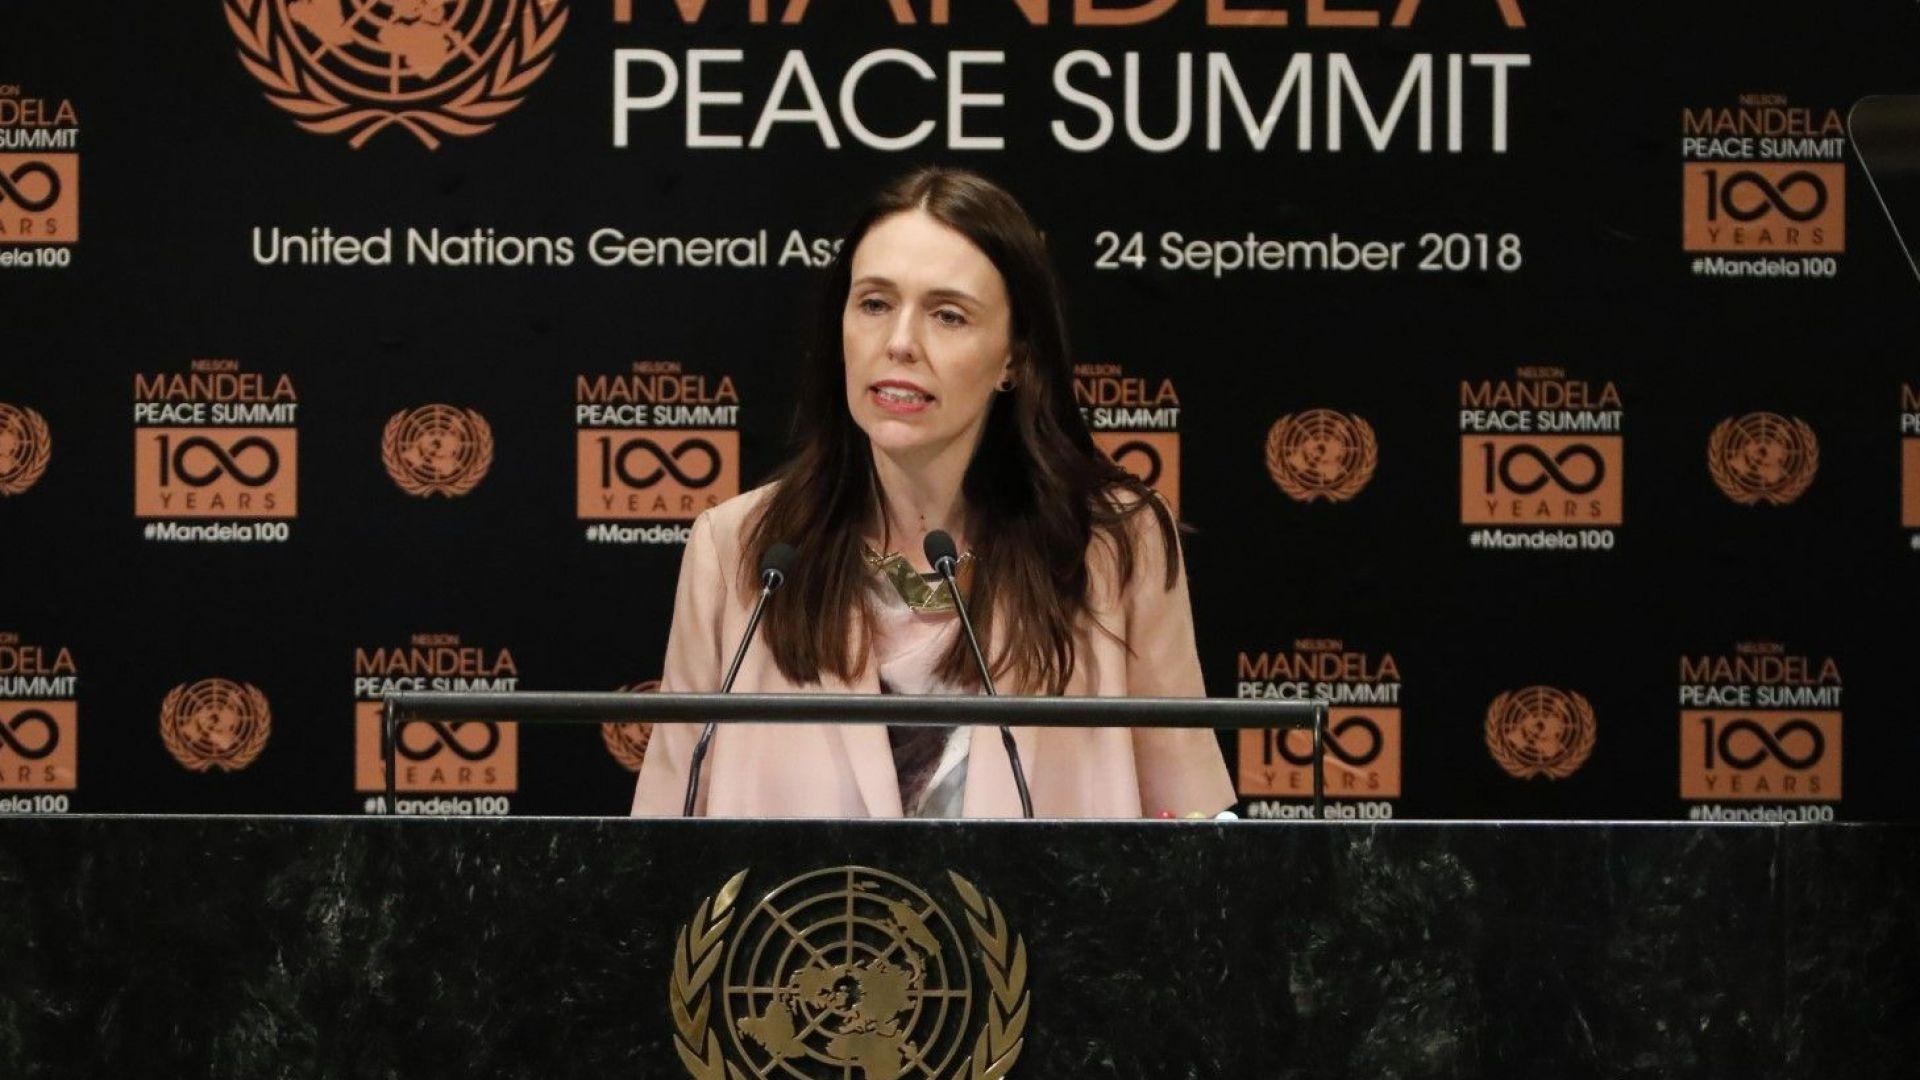 Джасинда Ардърн произнася речта си